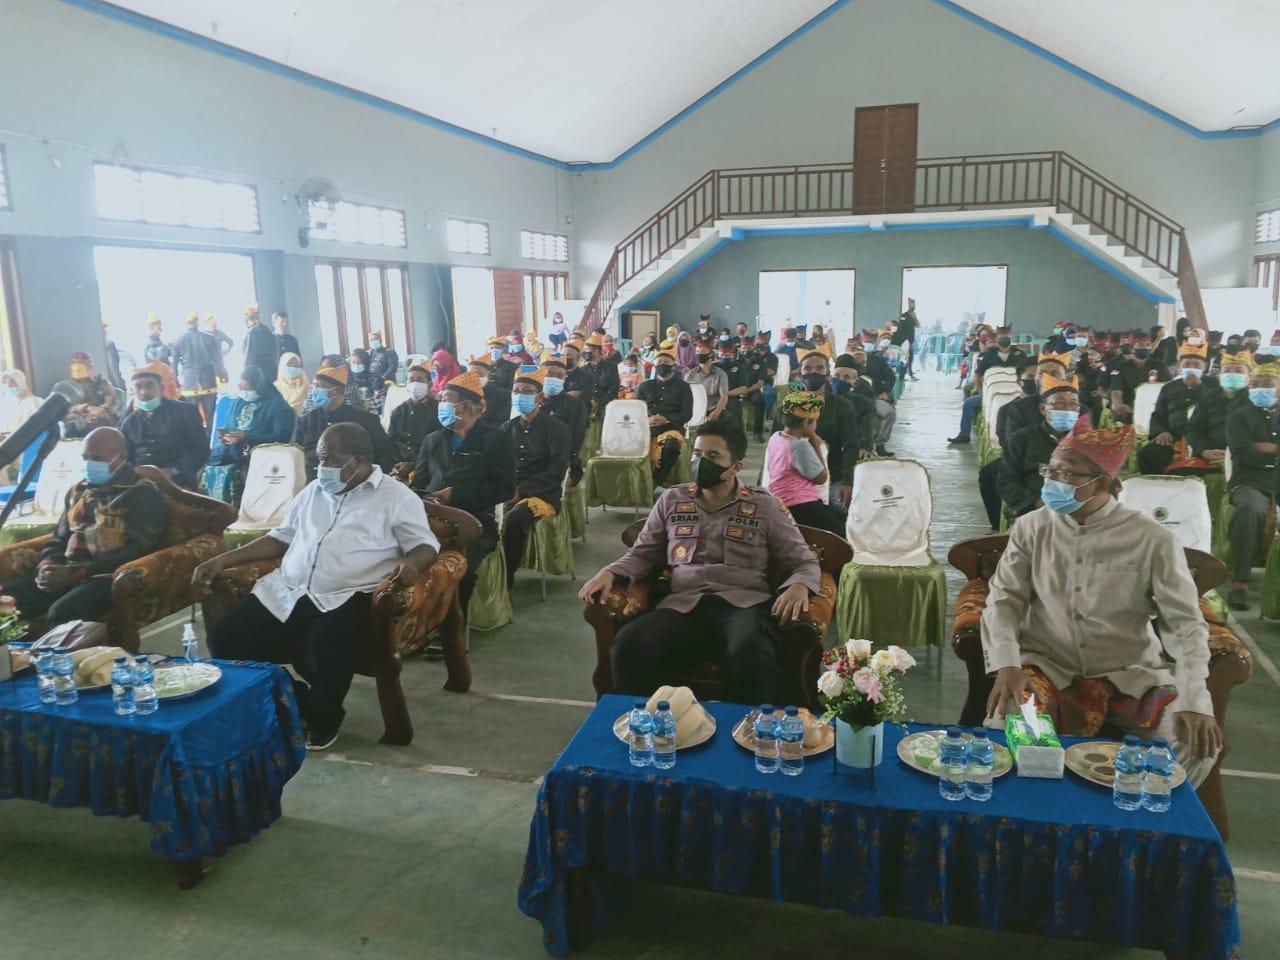 Kapolsek Salawati Hadiri Pengukuhan Pengurus Ikatan keluarga Banyuwangi (Ikawangi) Kab. Sorong